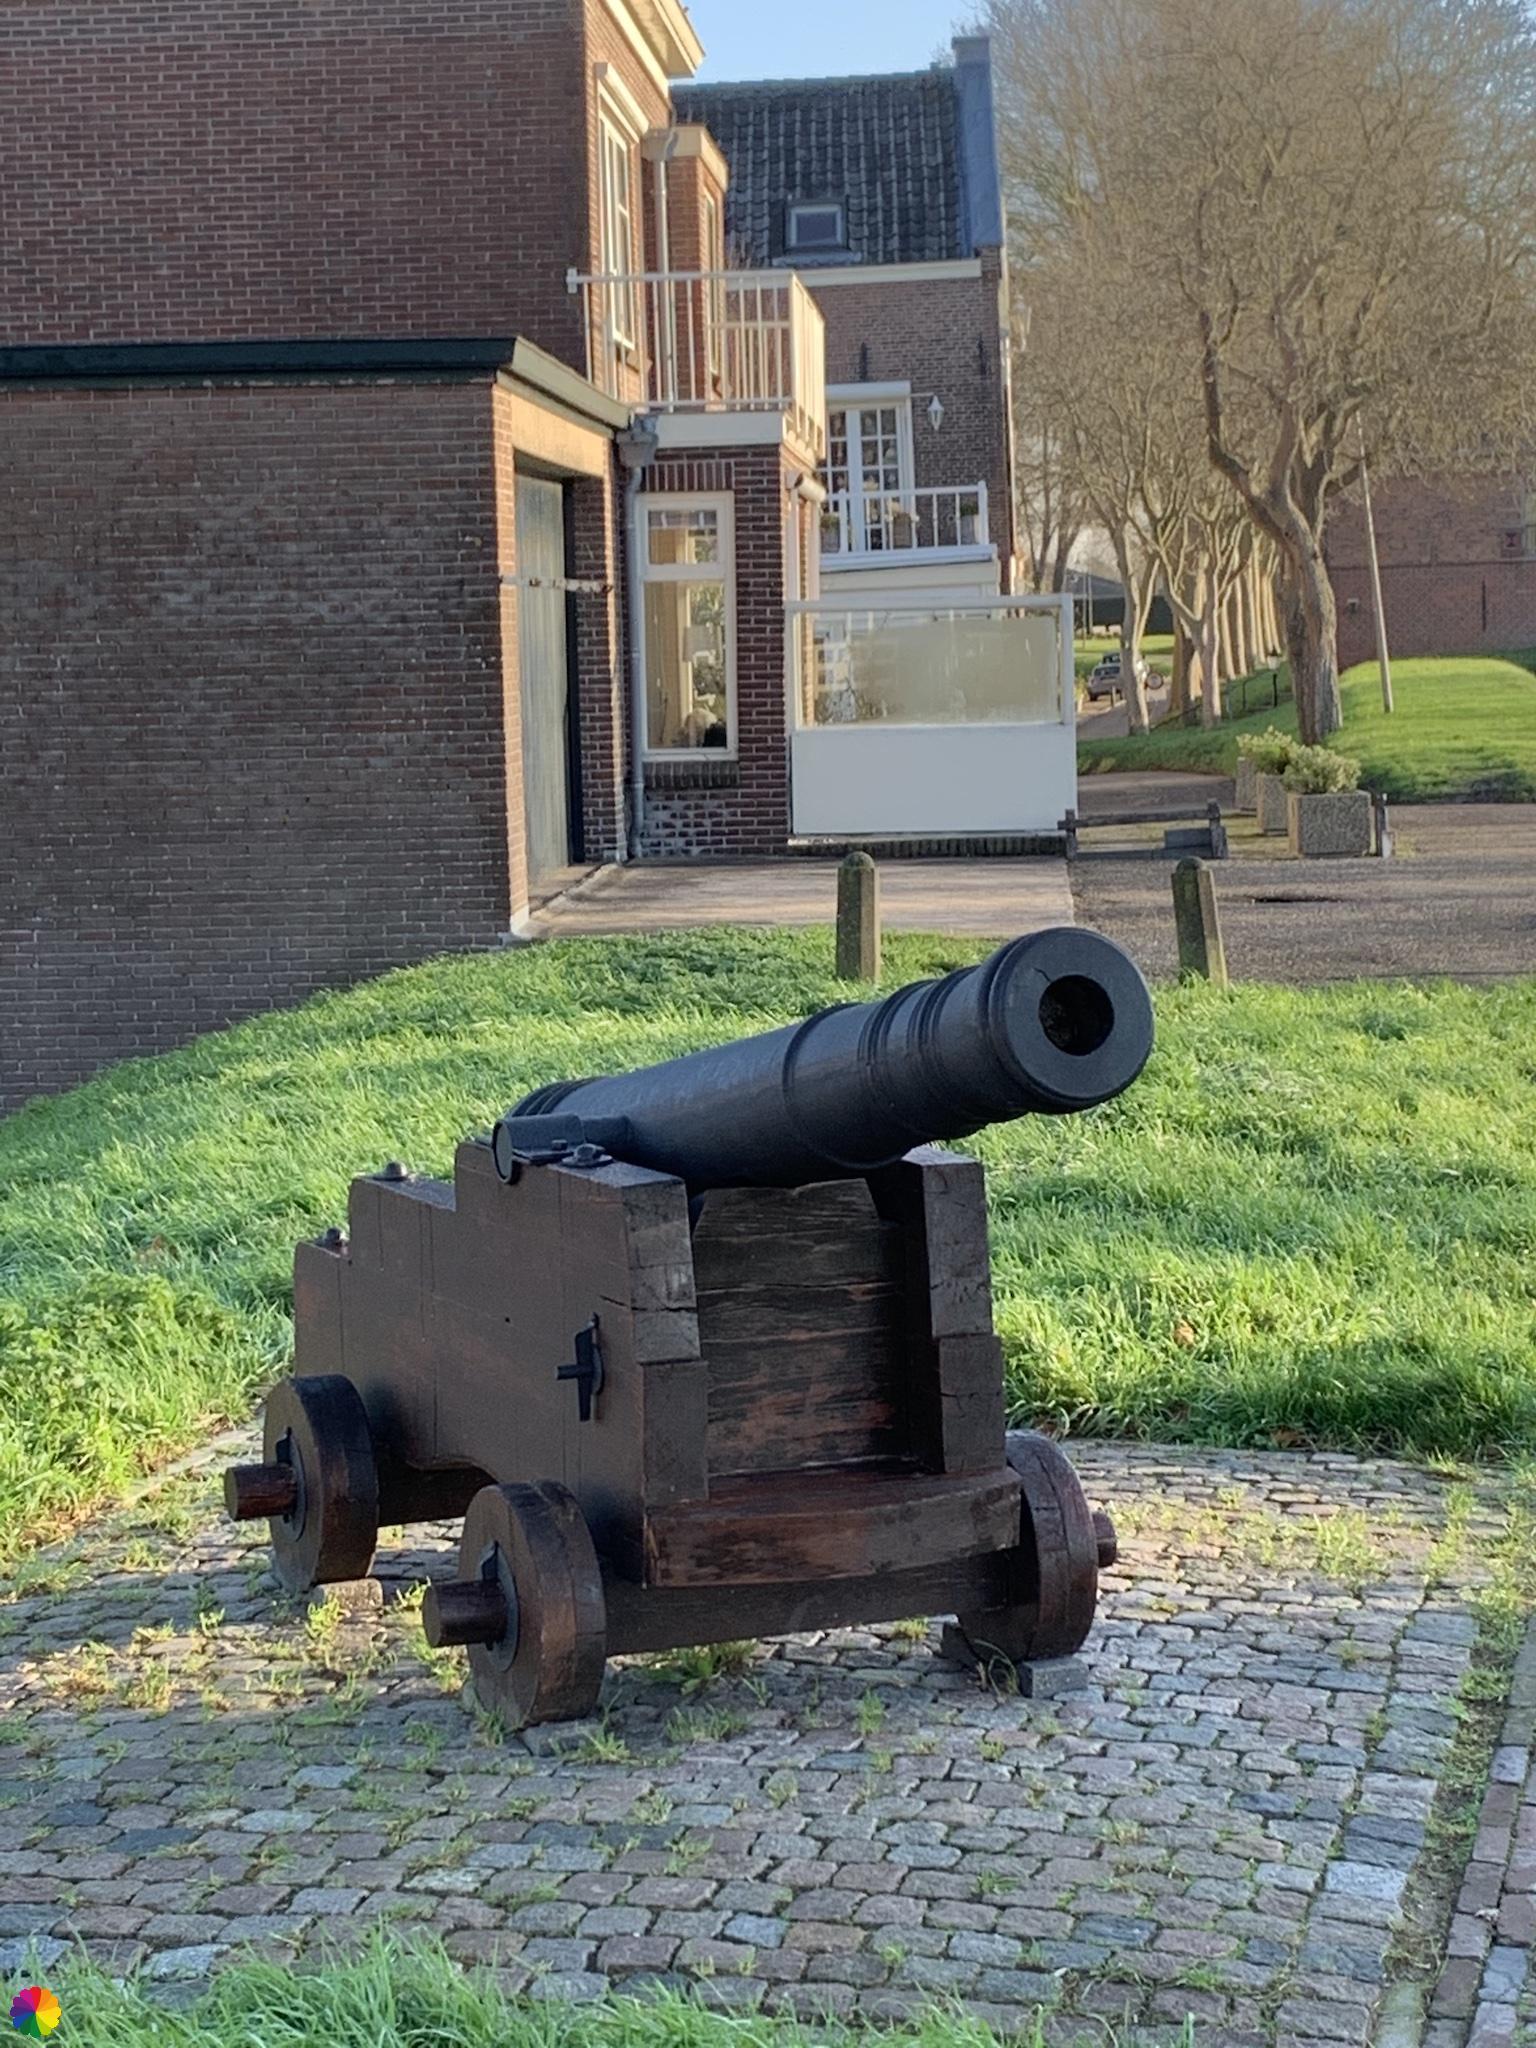 Kanon in Schoonhoven